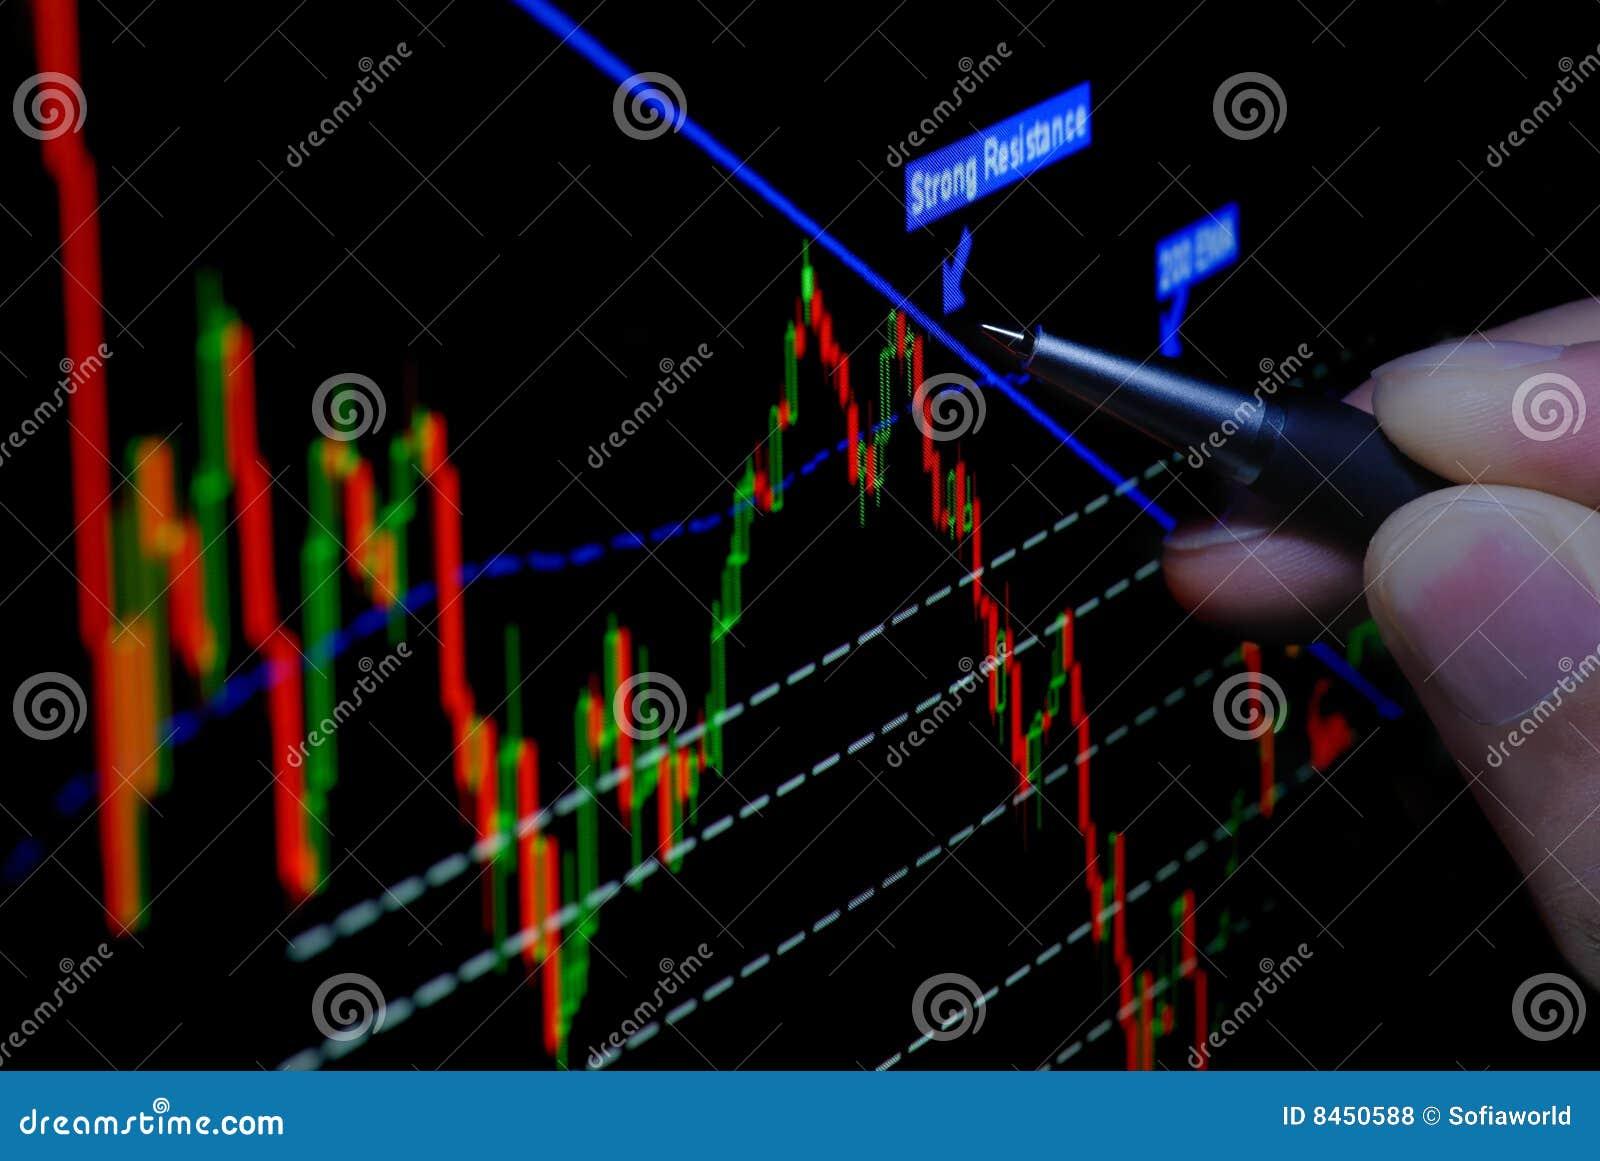 Analysering av den finansiella grafen